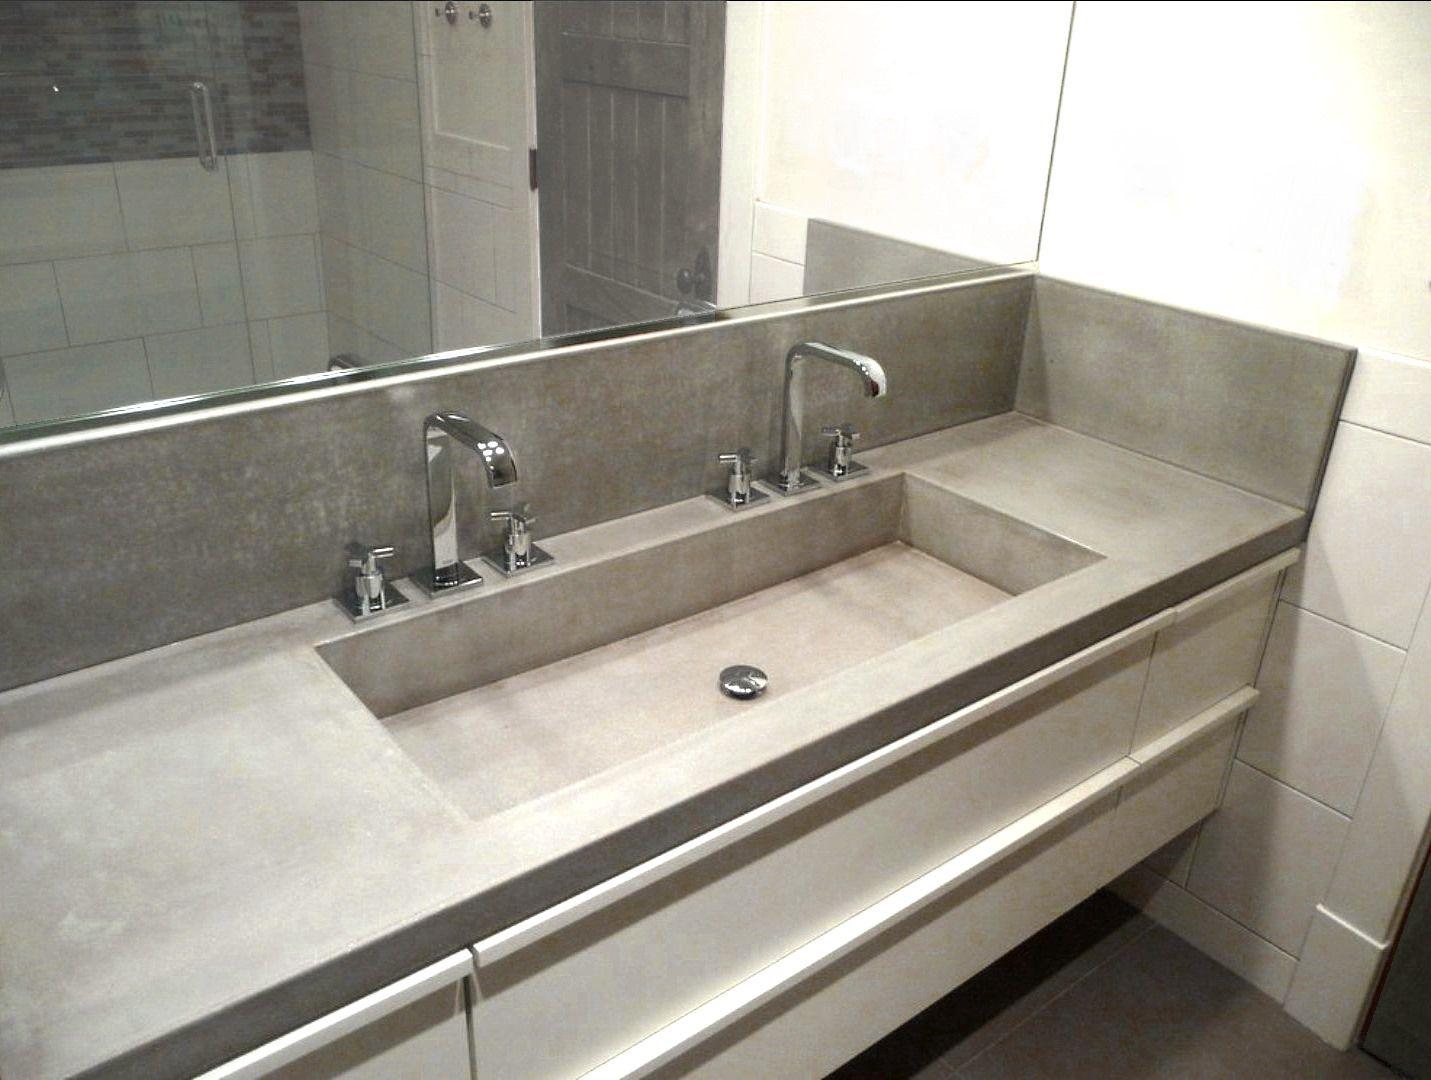 Waschtischplatte / bfuhp Ductal© Beton - BALIAN BETON Atelier | {Waschtischplatte beton 11}